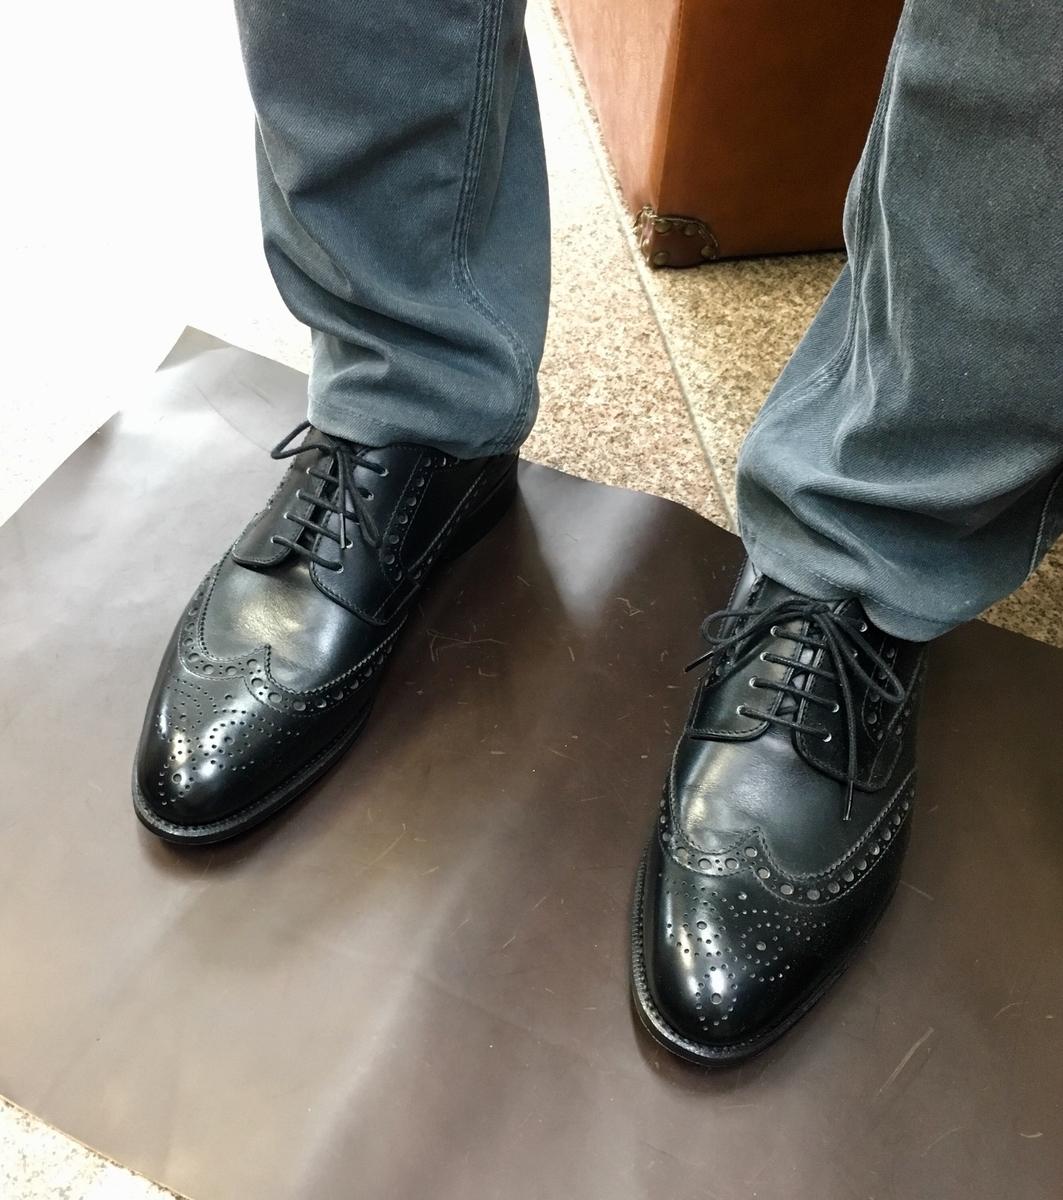 f:id:raymar-shoes:20190716221213j:plain